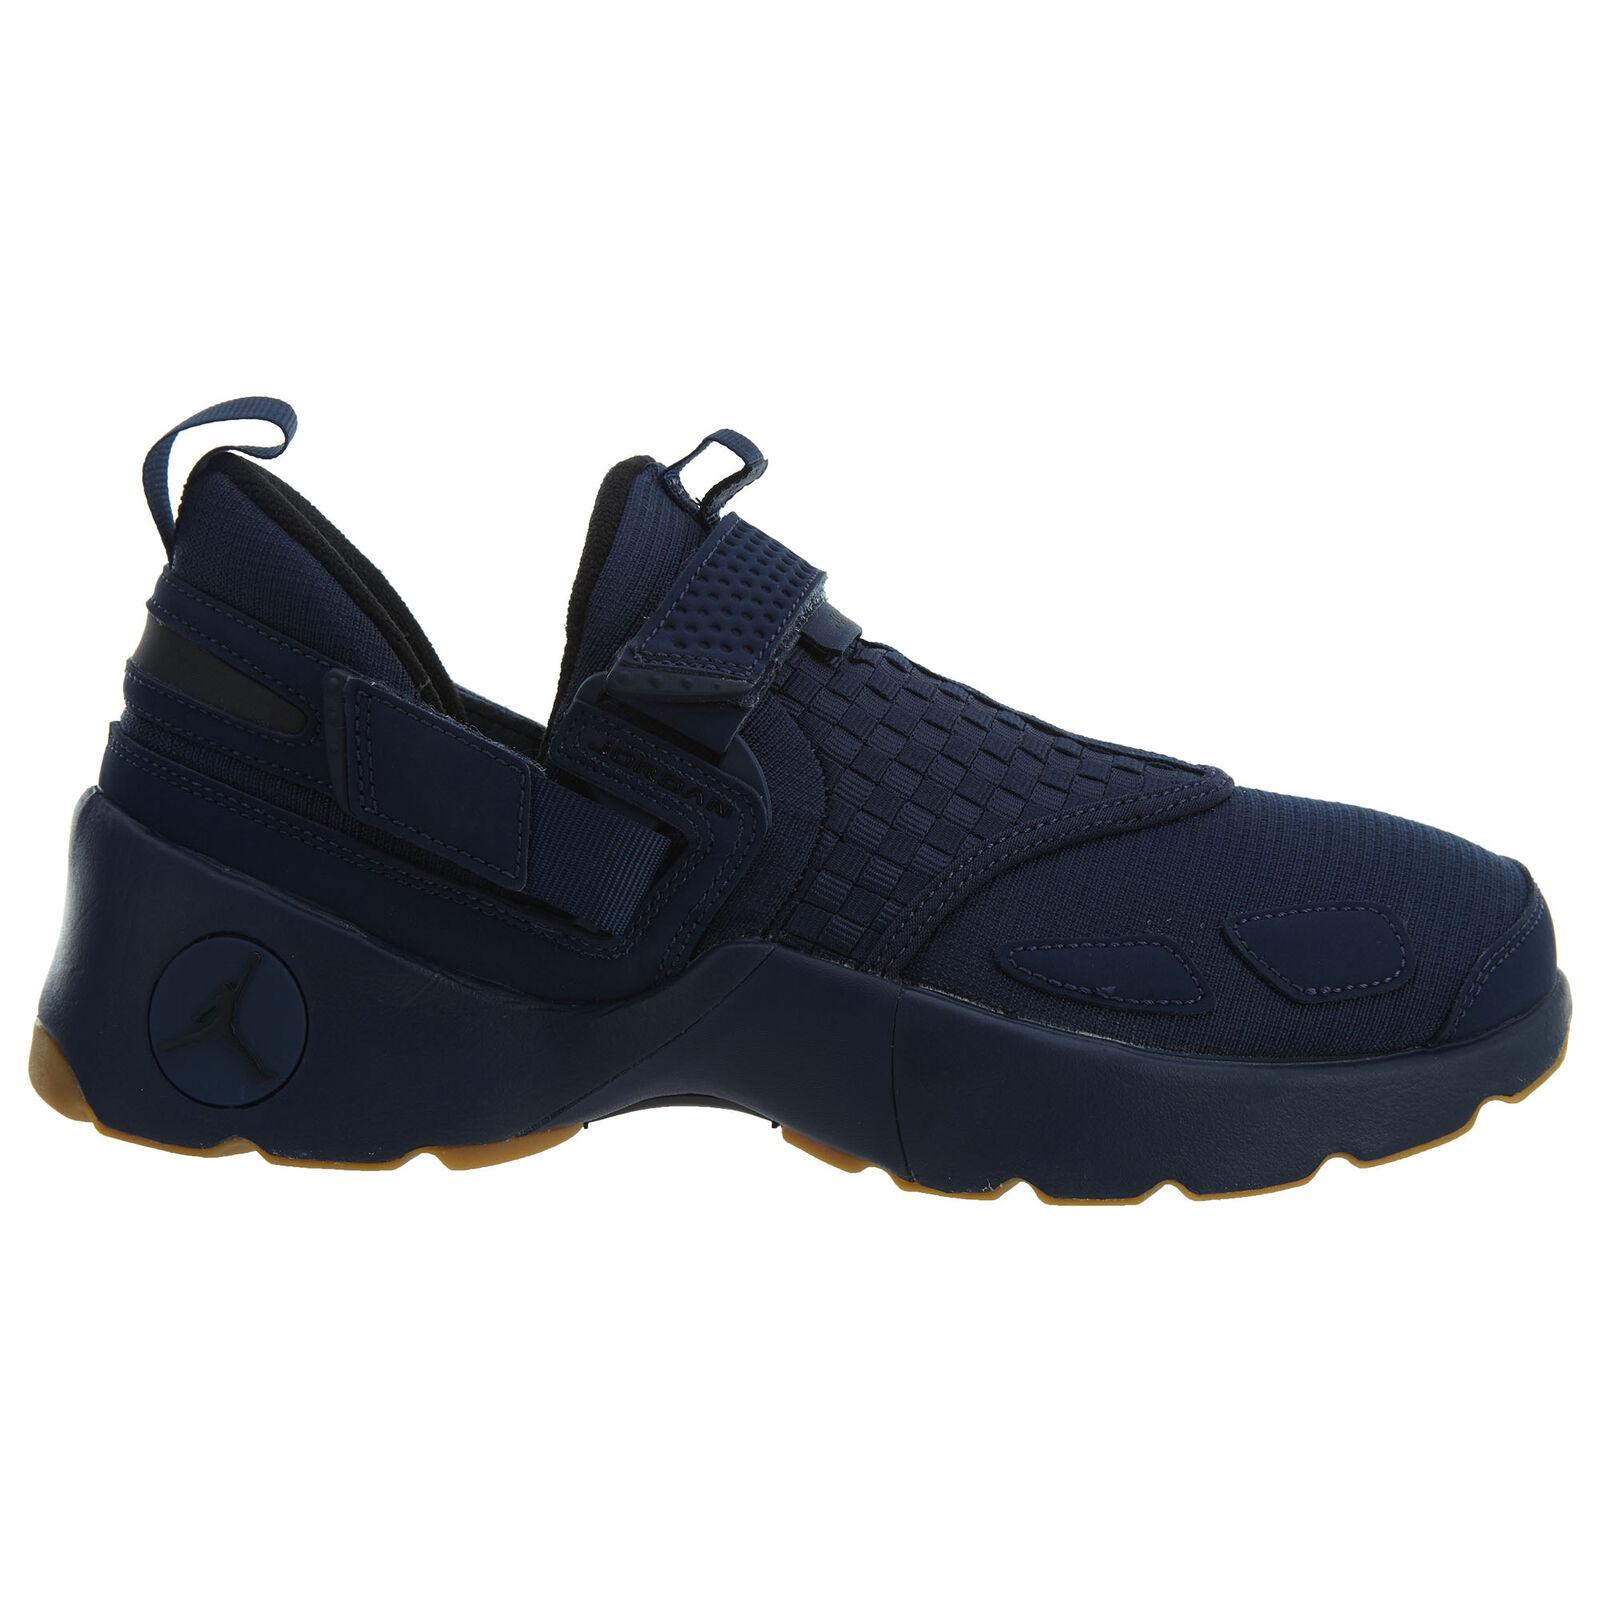 Jordan Trunner LX Mens 897992-401 Midnight Navy Running Training shoes Size 10.5